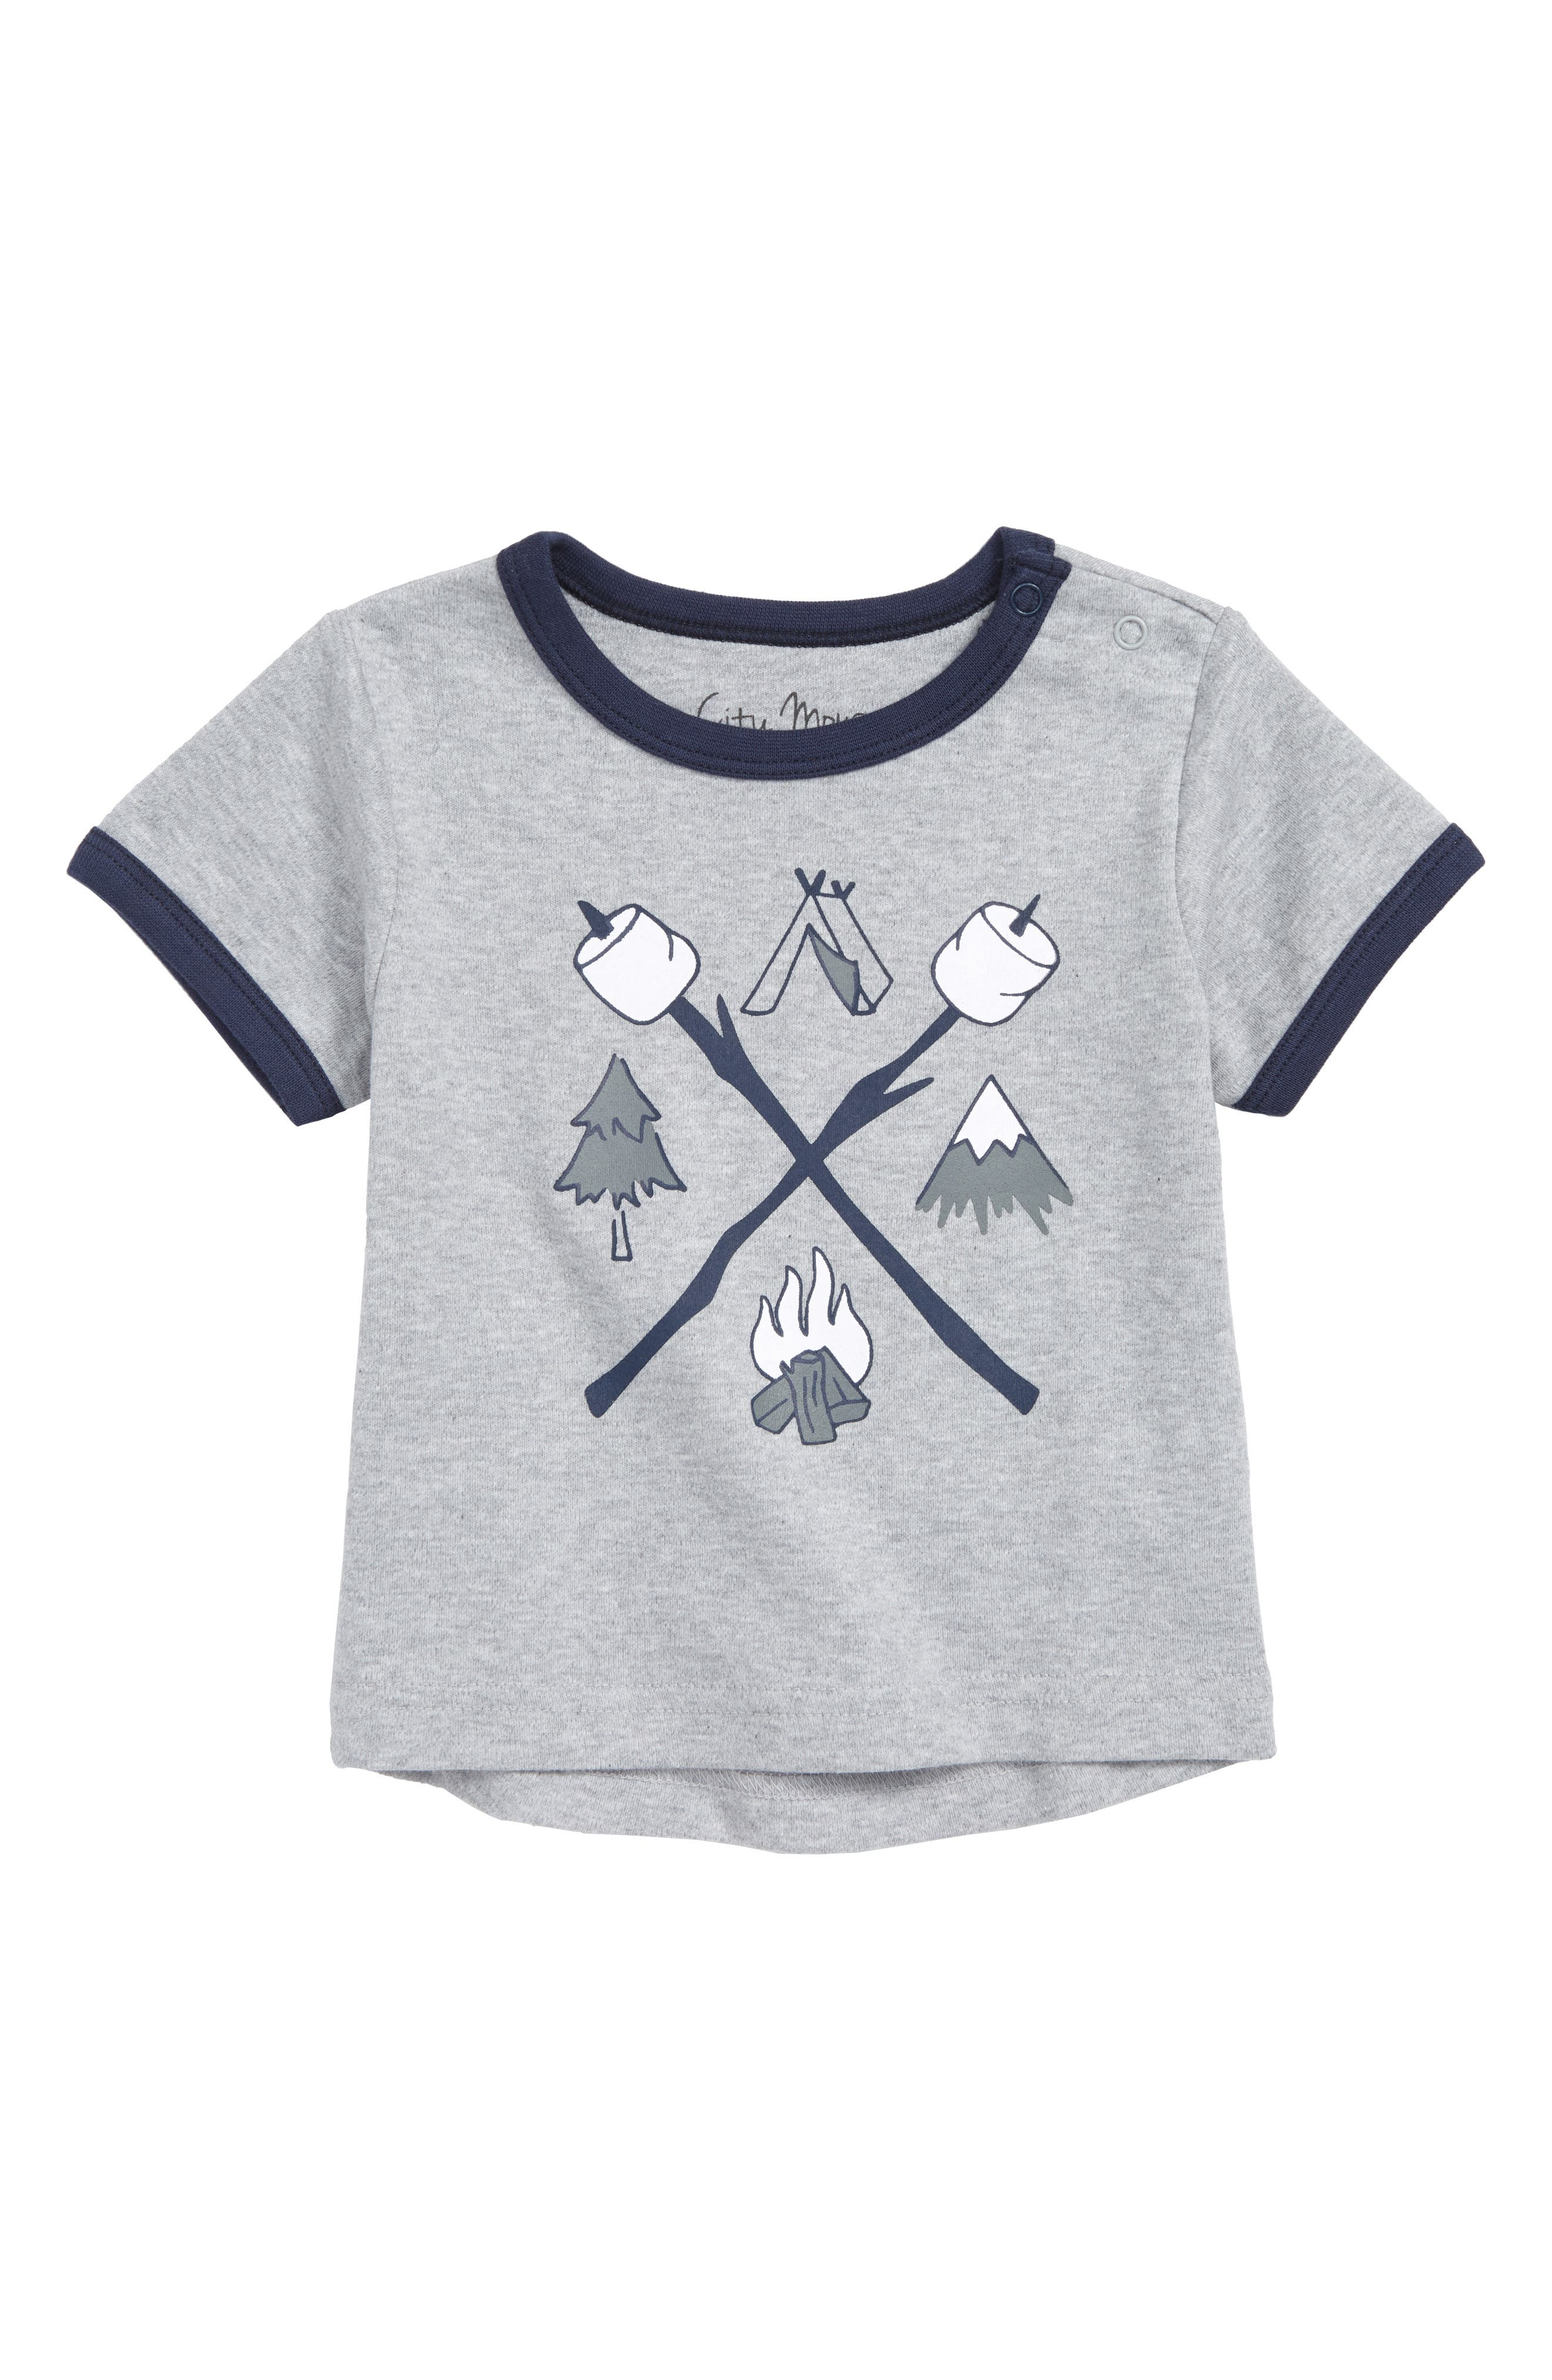 Camping Organic Cotton T-Shirt,                             Main thumbnail 1, color,